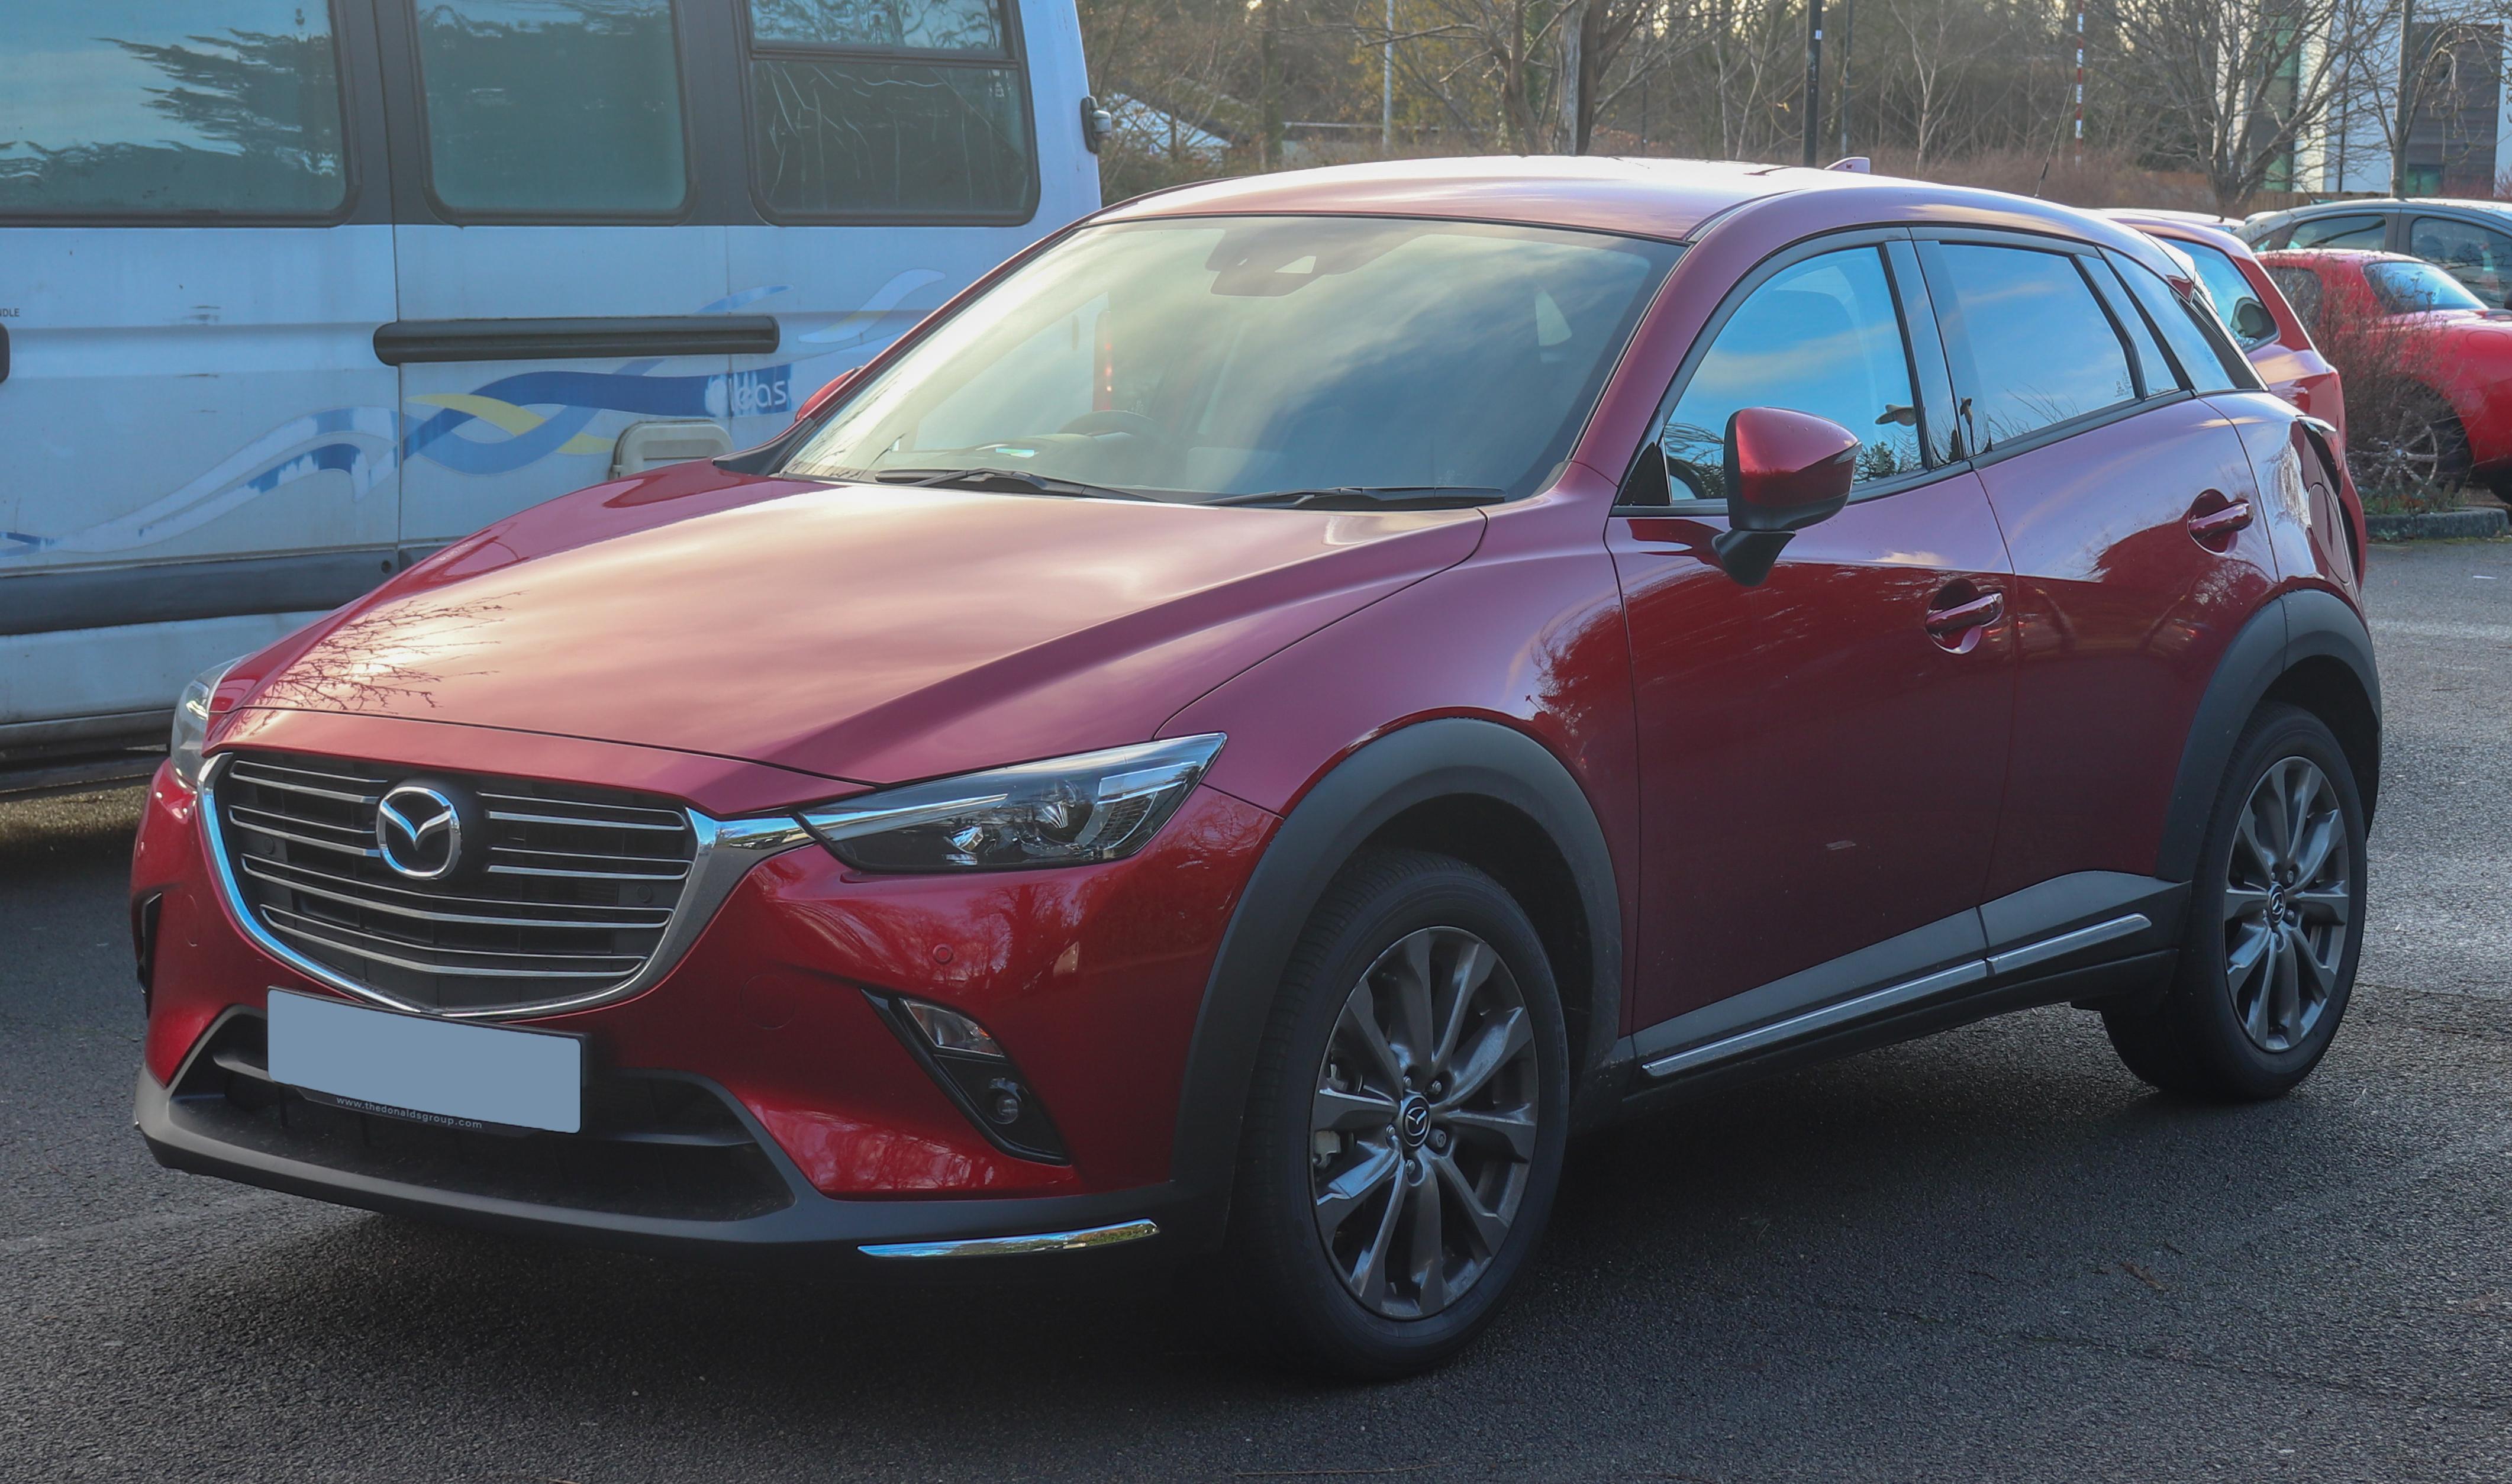 Kekurangan Mazda Cx 3 4X4 Harga